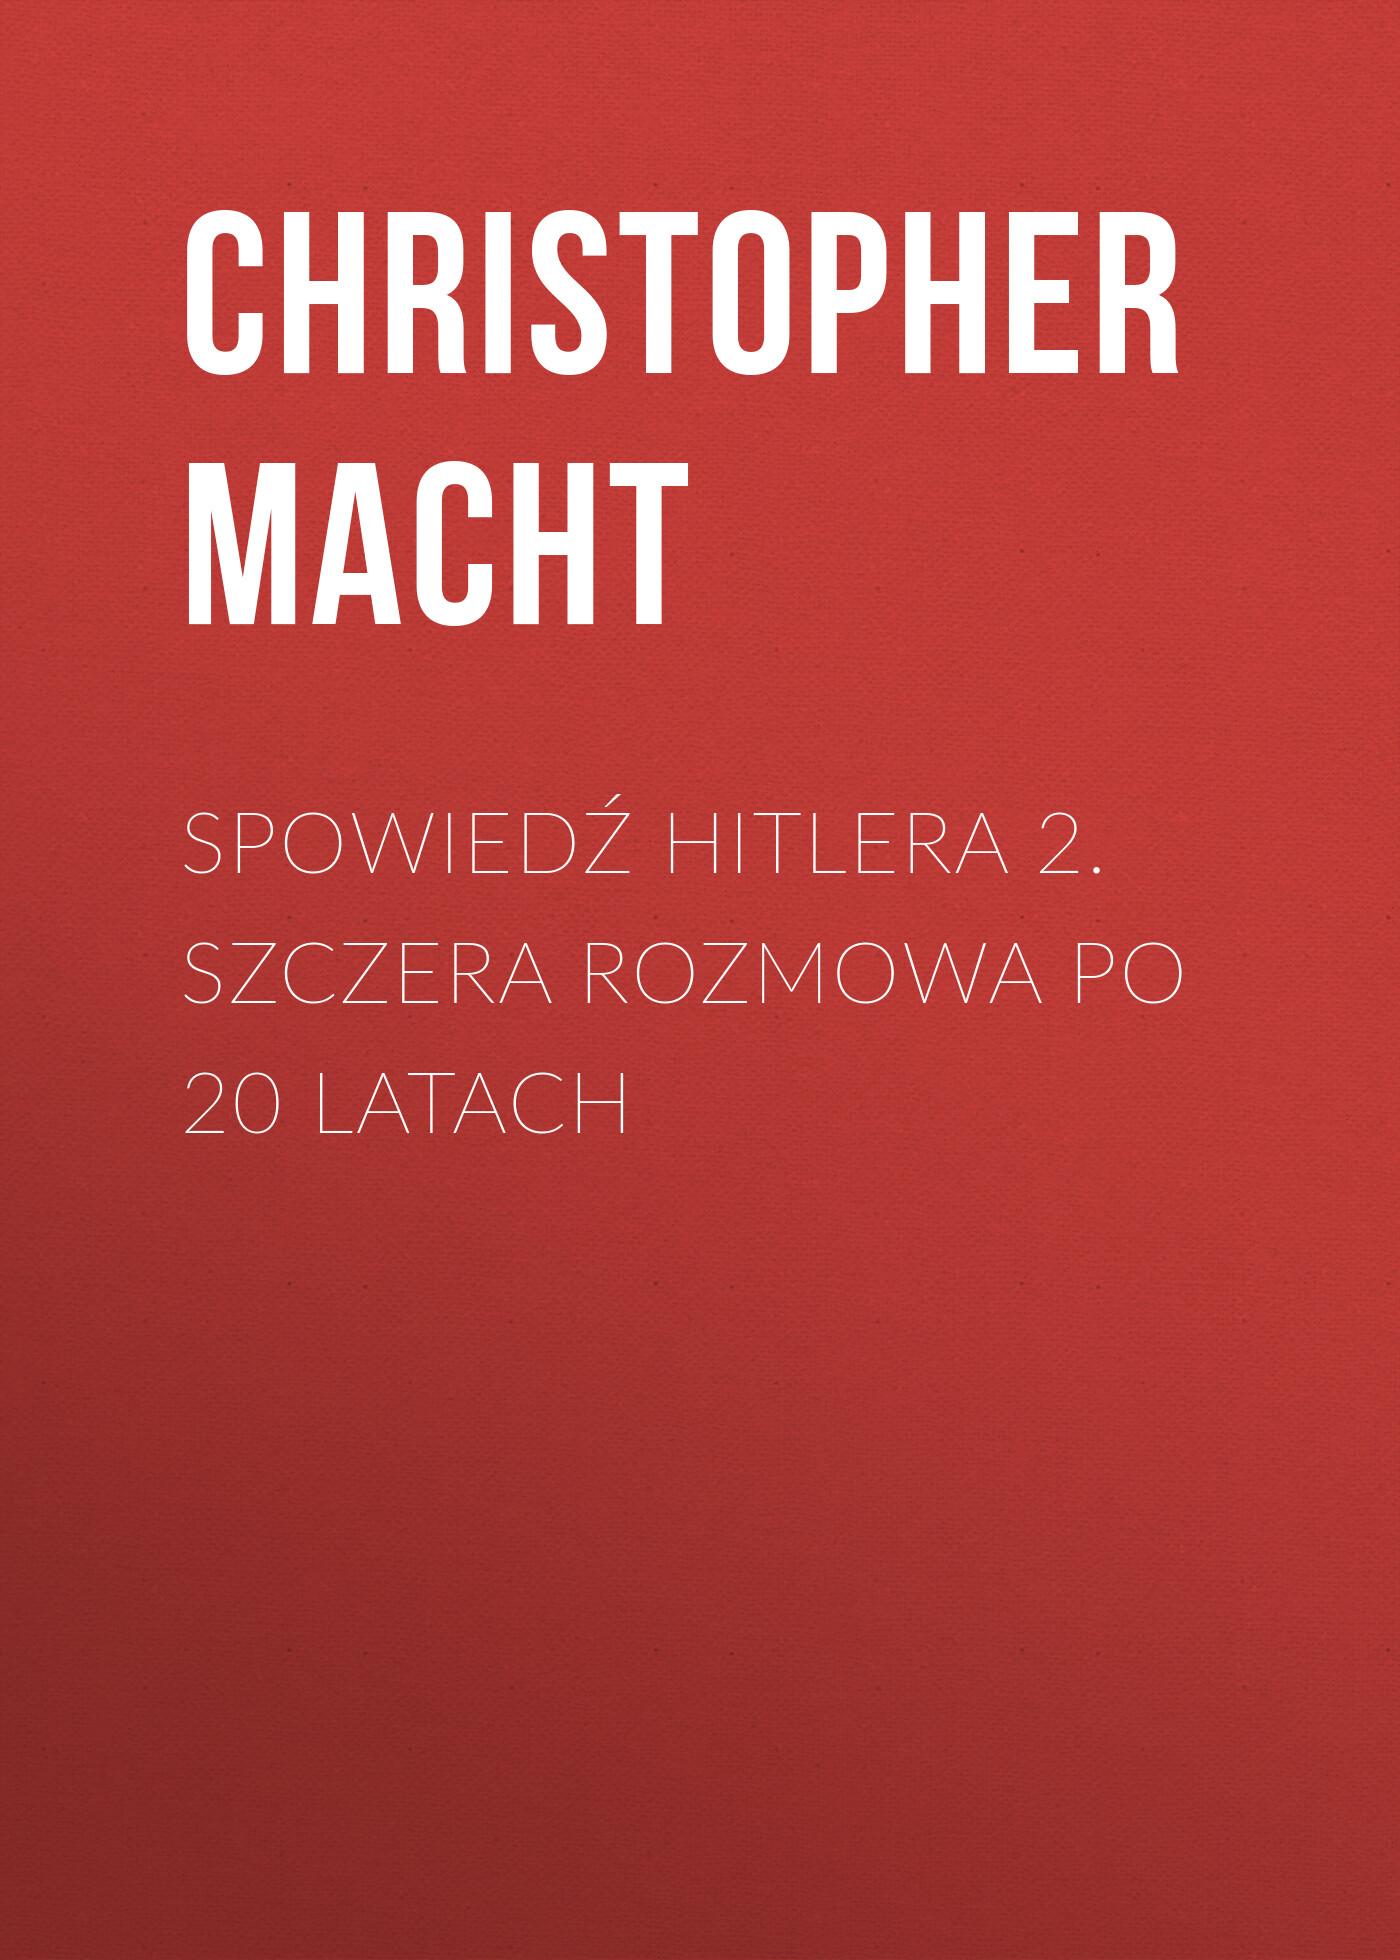 Spowiedź Hitlera 2. Szczera rozmowa po 20 latach